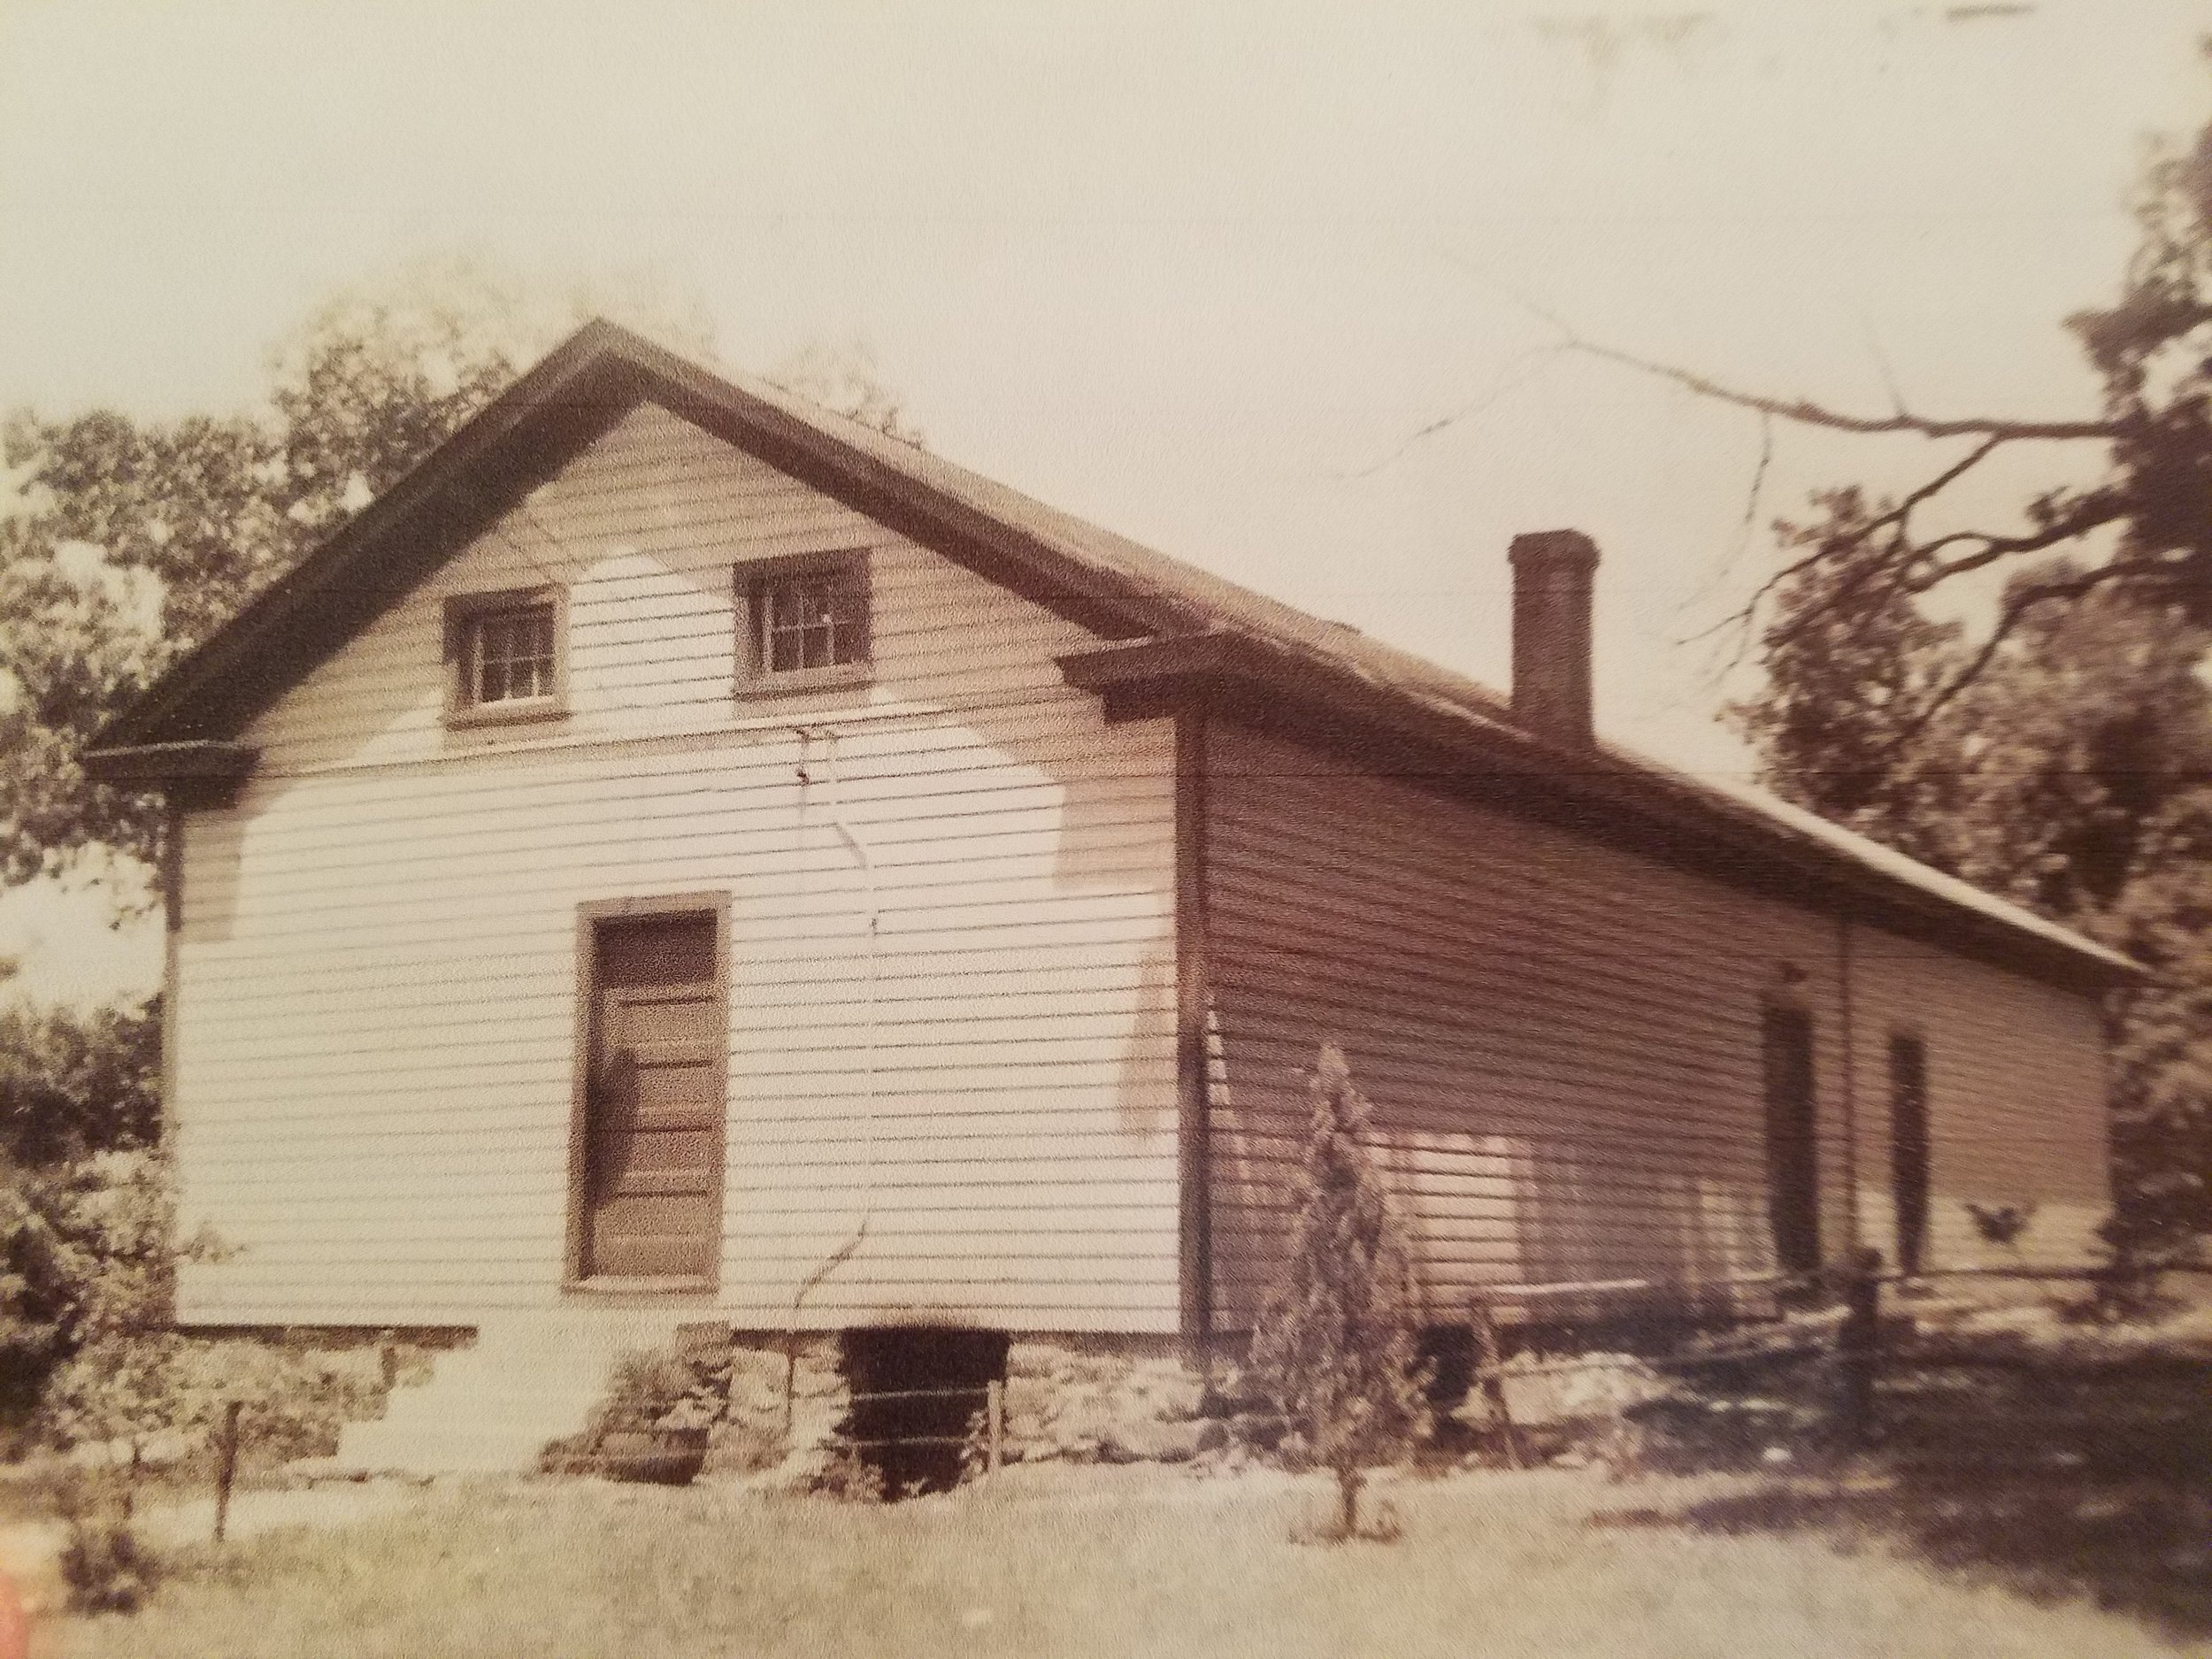 The historic Willisville schoolhouse